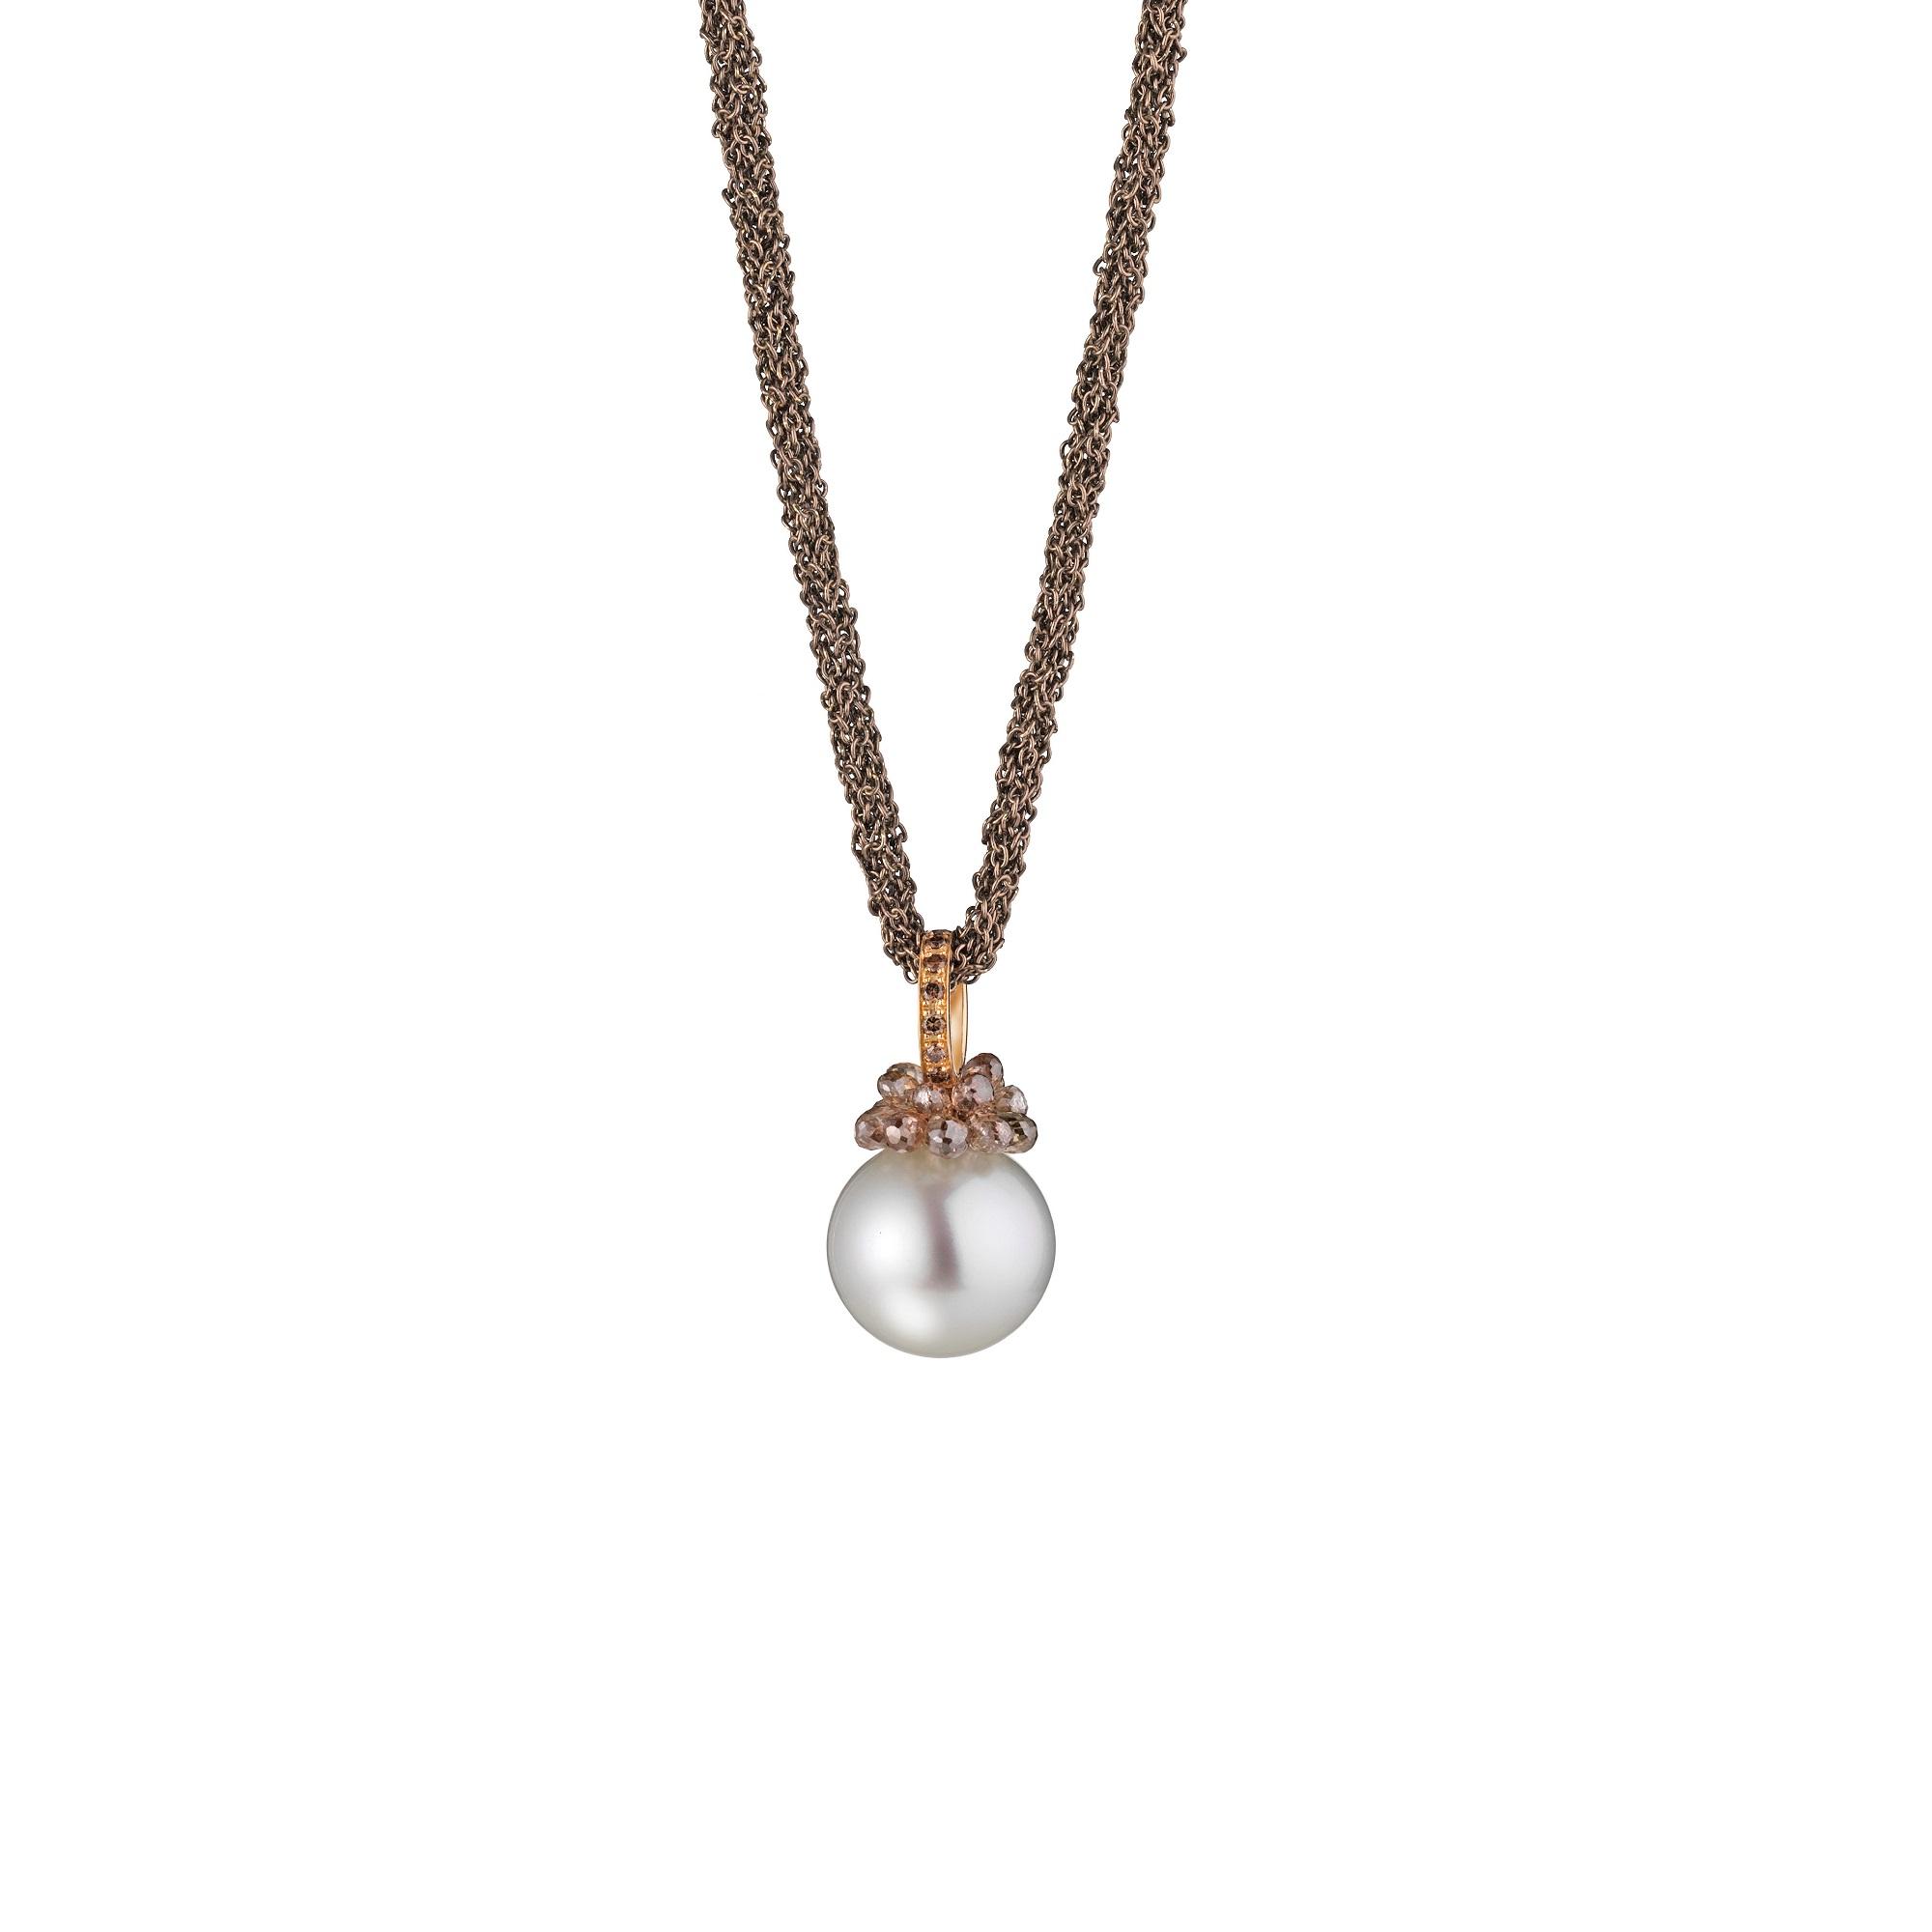 Collier aus Silber und Roségold mit Südsee-Zuchtperle und Diamanten